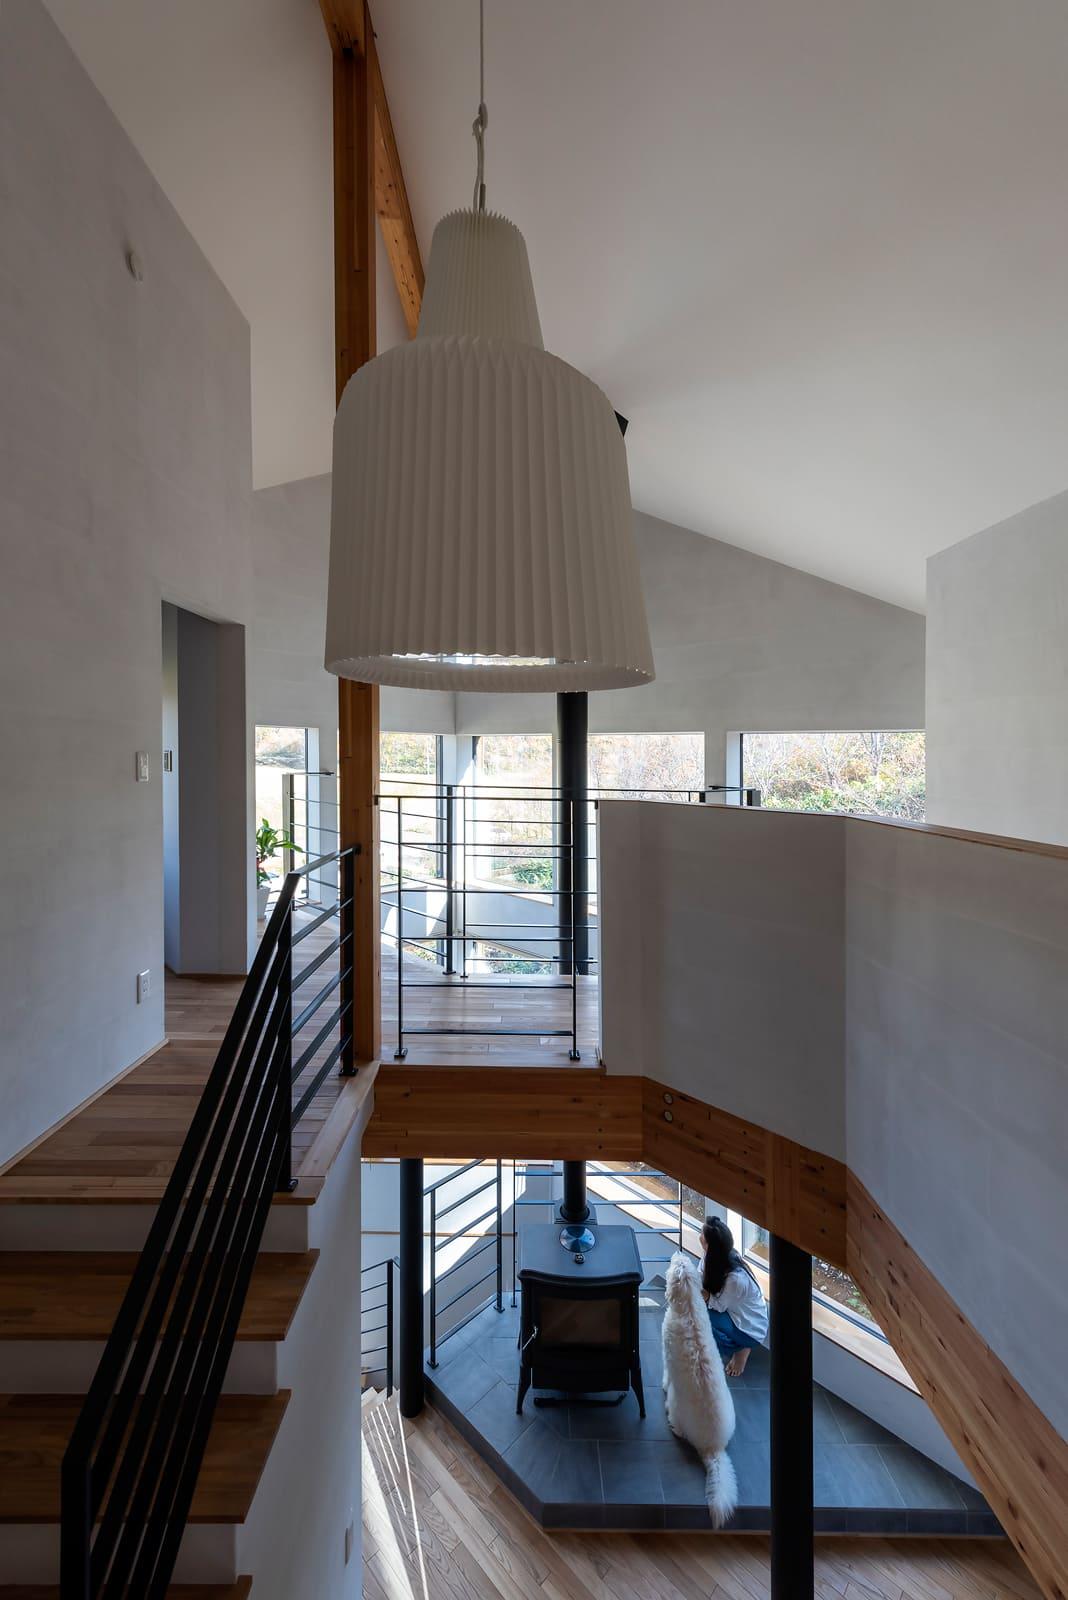 階段脇も吹き抜けになっているので、室内の開放感も抜群。3階の廊下でも景色が楽しめる